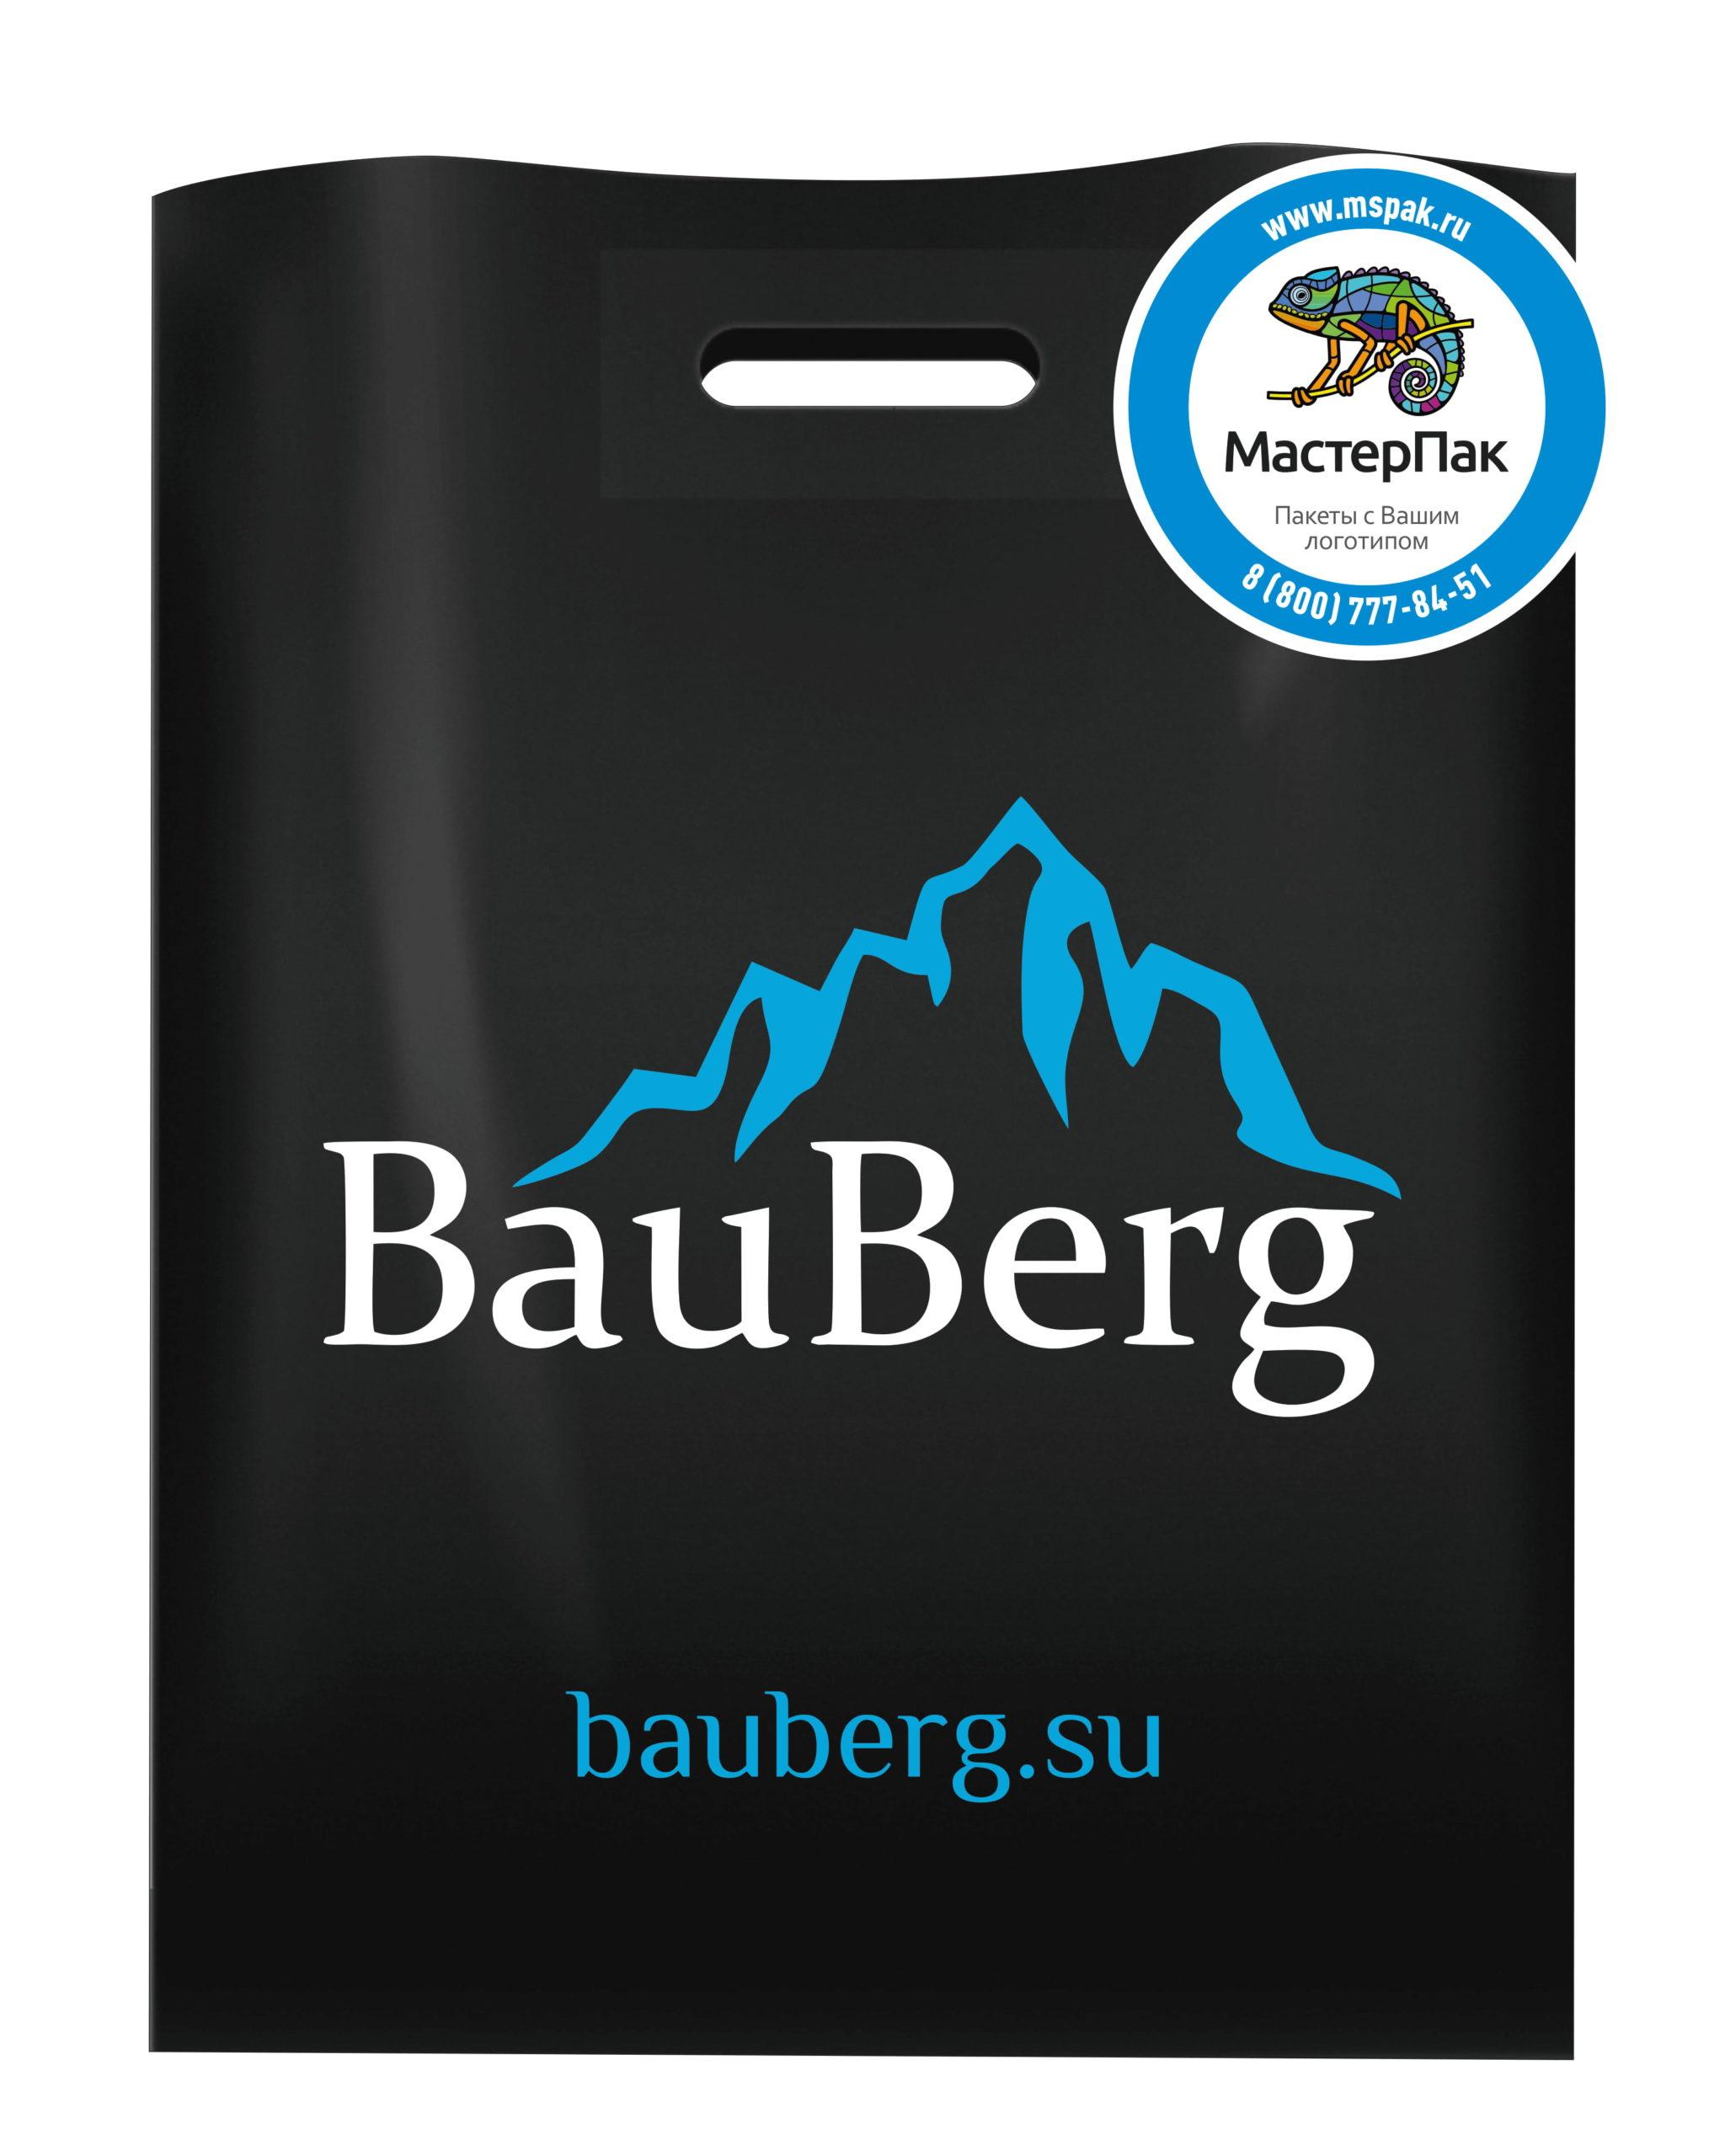 Пакет ПВД с вырубной ручкой и логотипом BauBerg, Санкт-Петербург